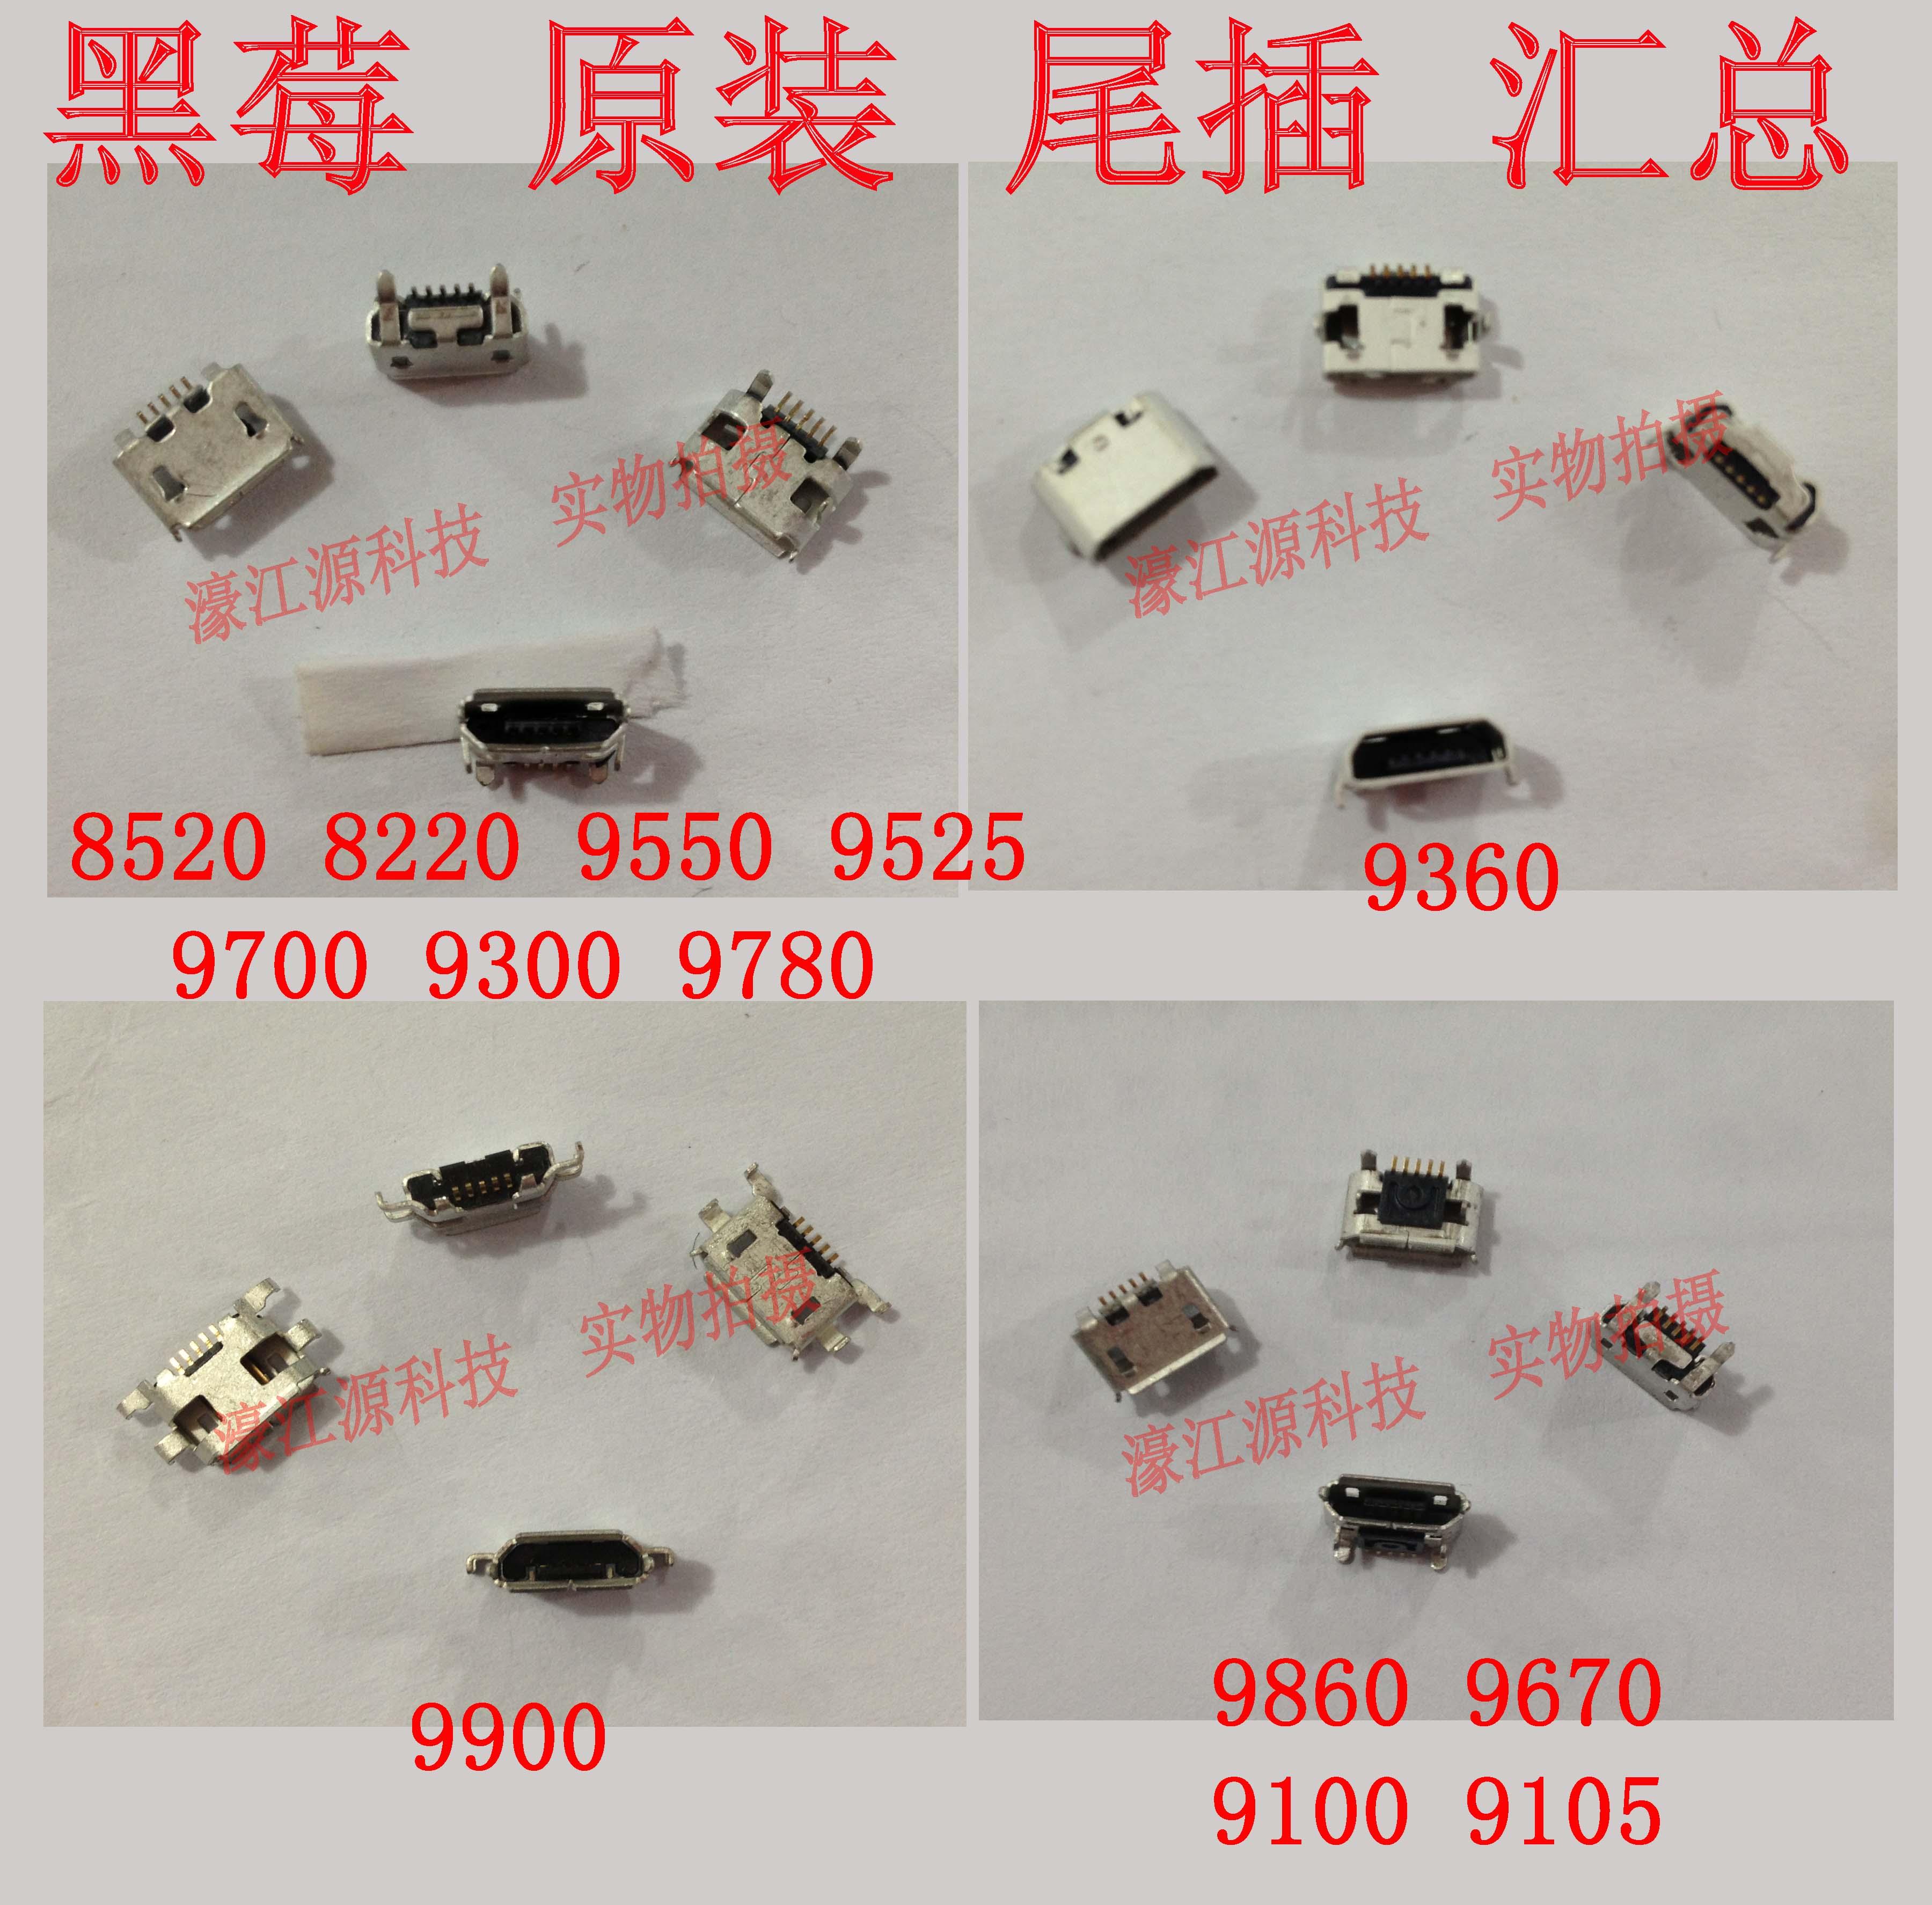 黑莓9860/9105/9900/9360/8520/9700/8220/9550/9300 尾插 接口